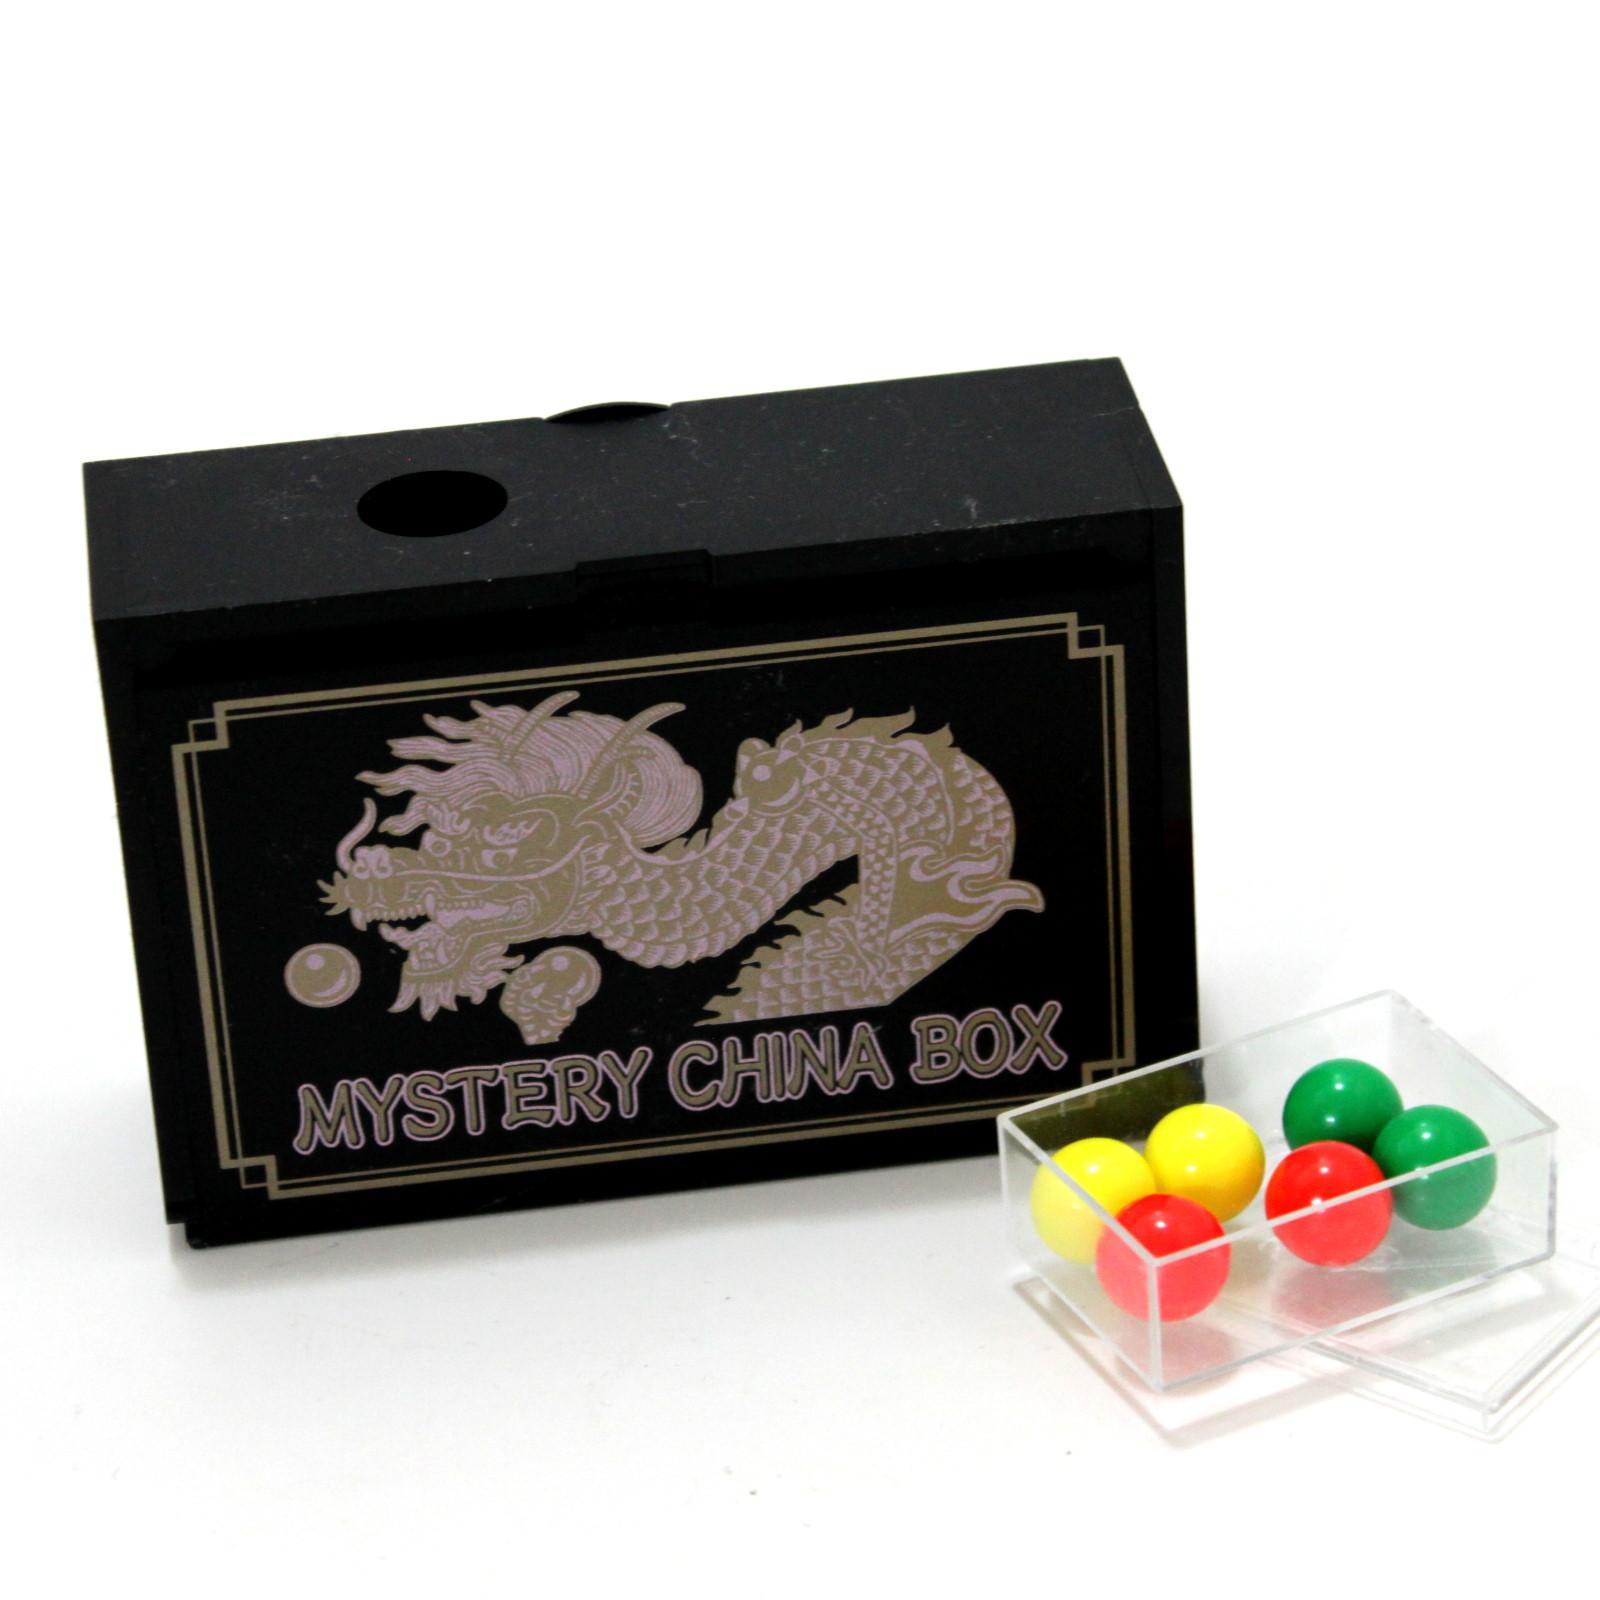 Mystery China Box by Tenyo (T-201)